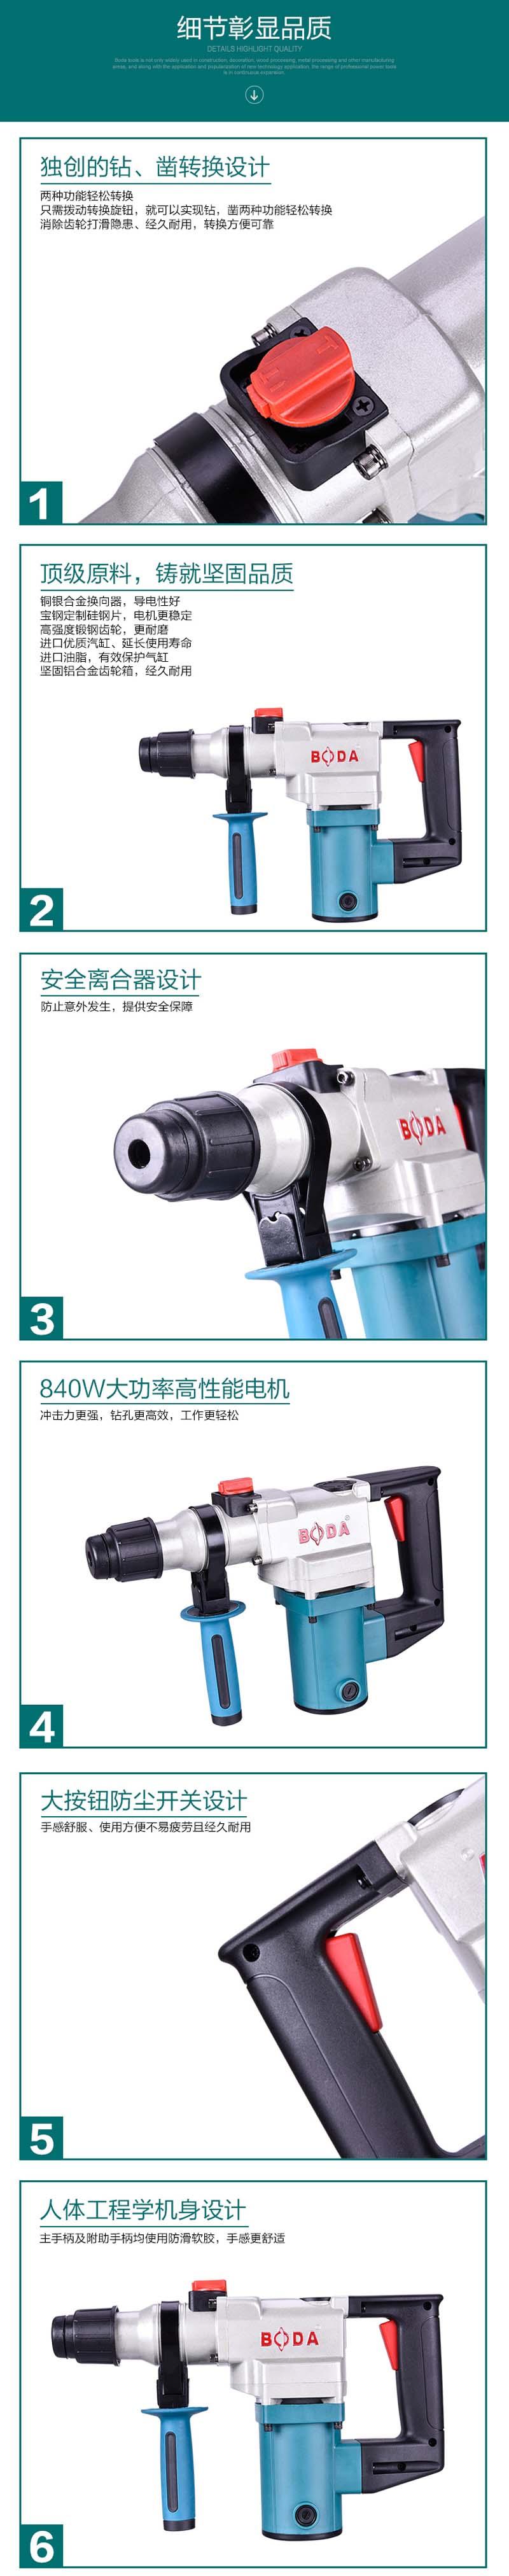 博大H1-26多功能电锤电镐两用 家用大功率冲击钻图片二